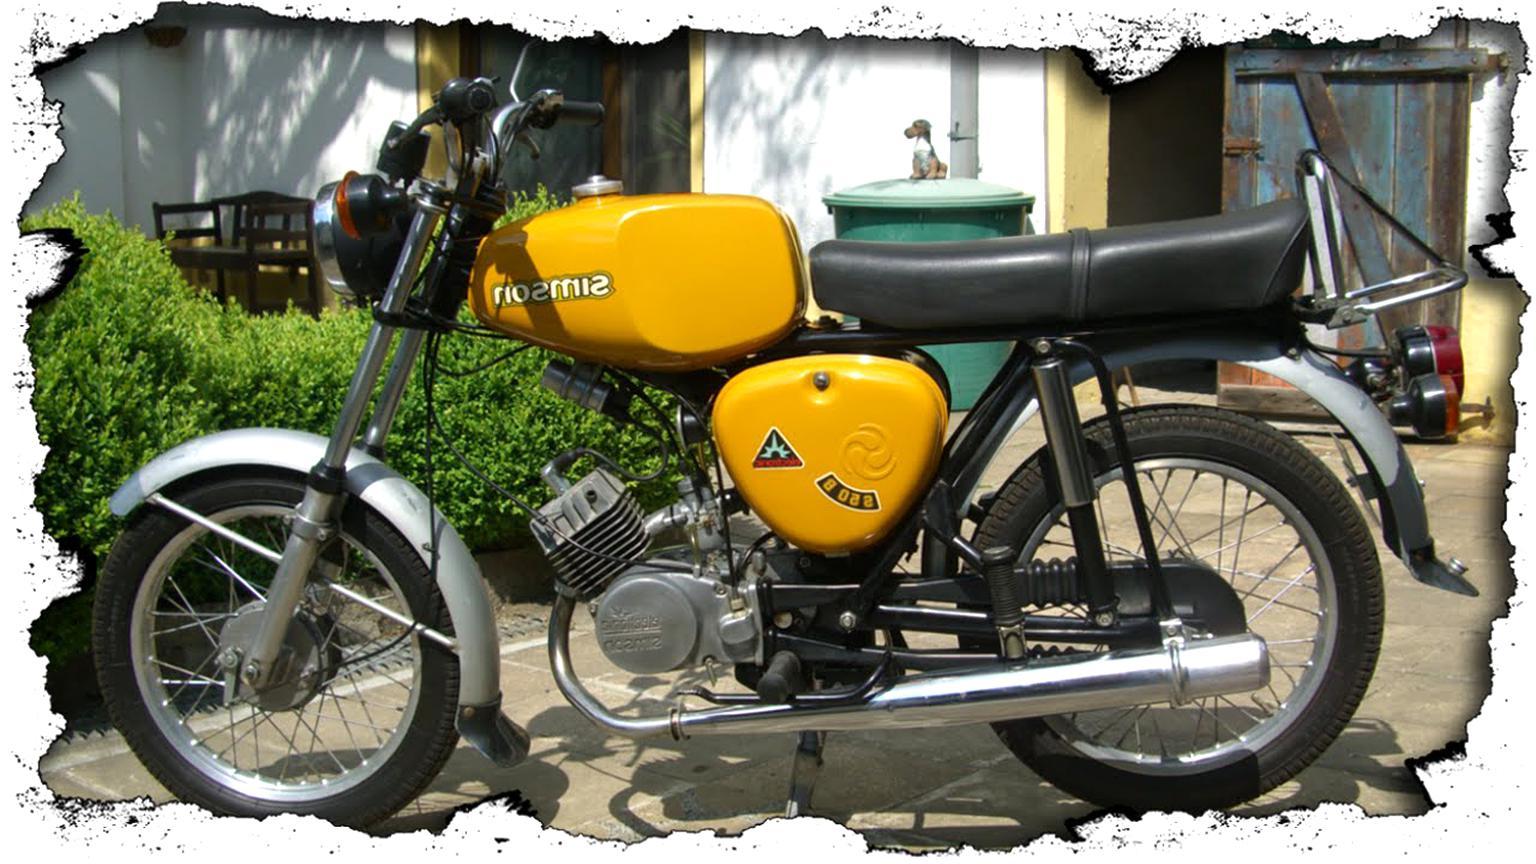 simson s50 moped gebraucht kaufen 2 st bis 65 g nstiger. Black Bedroom Furniture Sets. Home Design Ideas